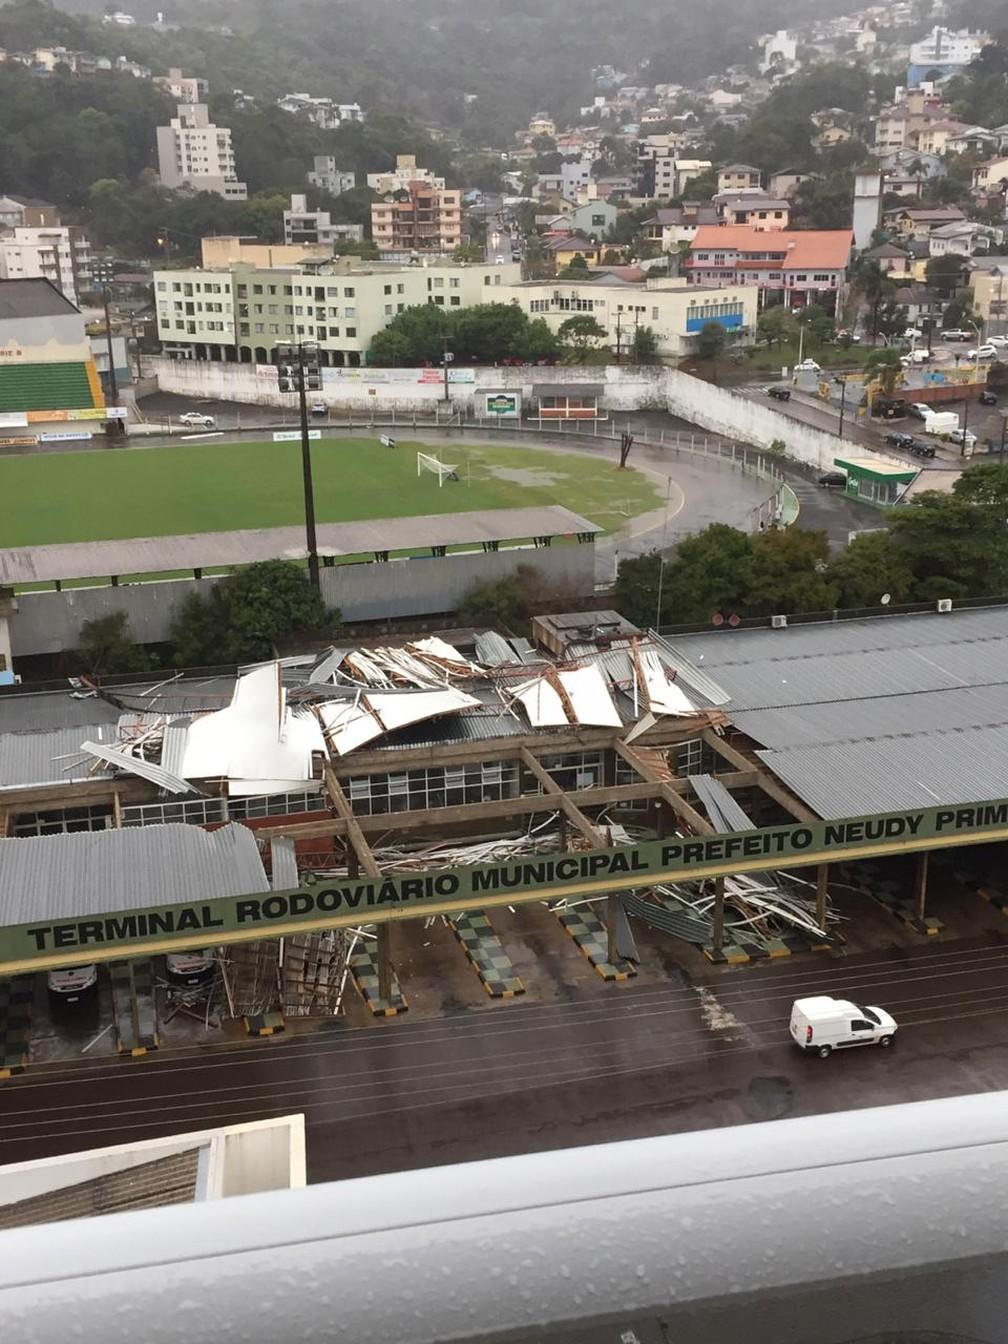 Terminal rodoviária em Concórdia — Foto: Prefeitura de Concórdia/ Divulgação